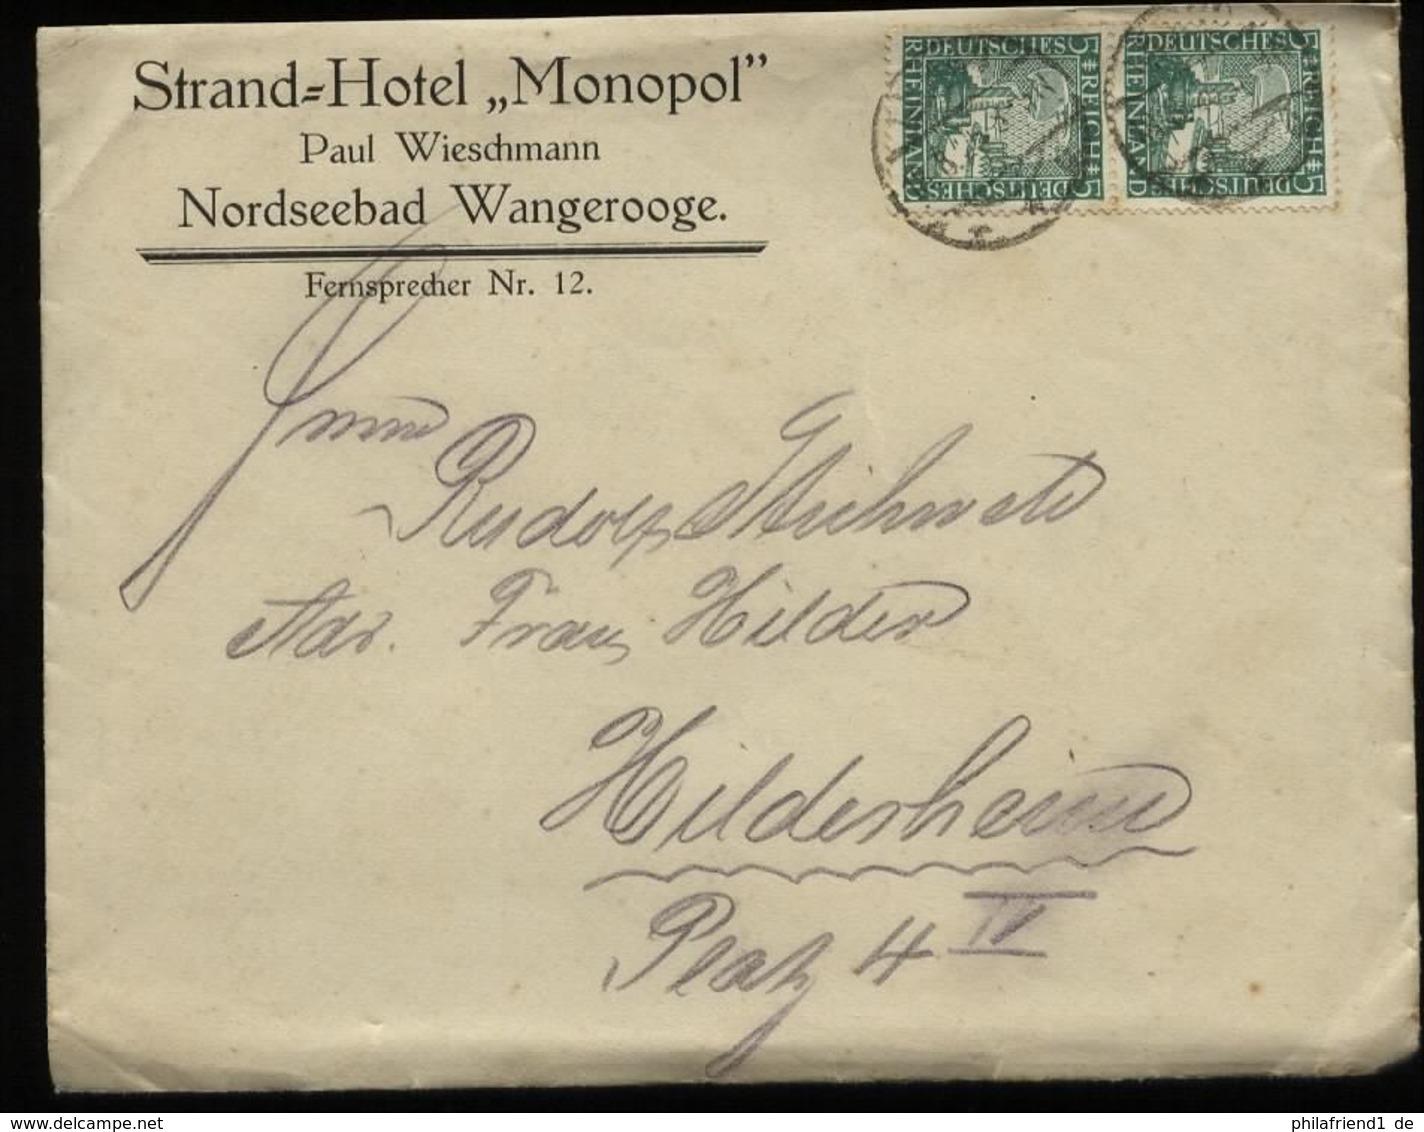 S5460 - DR Firmen Brief Hotel Monopol Wangerooge: Gebraucht Wangerooge - Hildesheim 1925 , Bedarfserhaltung. - Briefe U. Dokumente